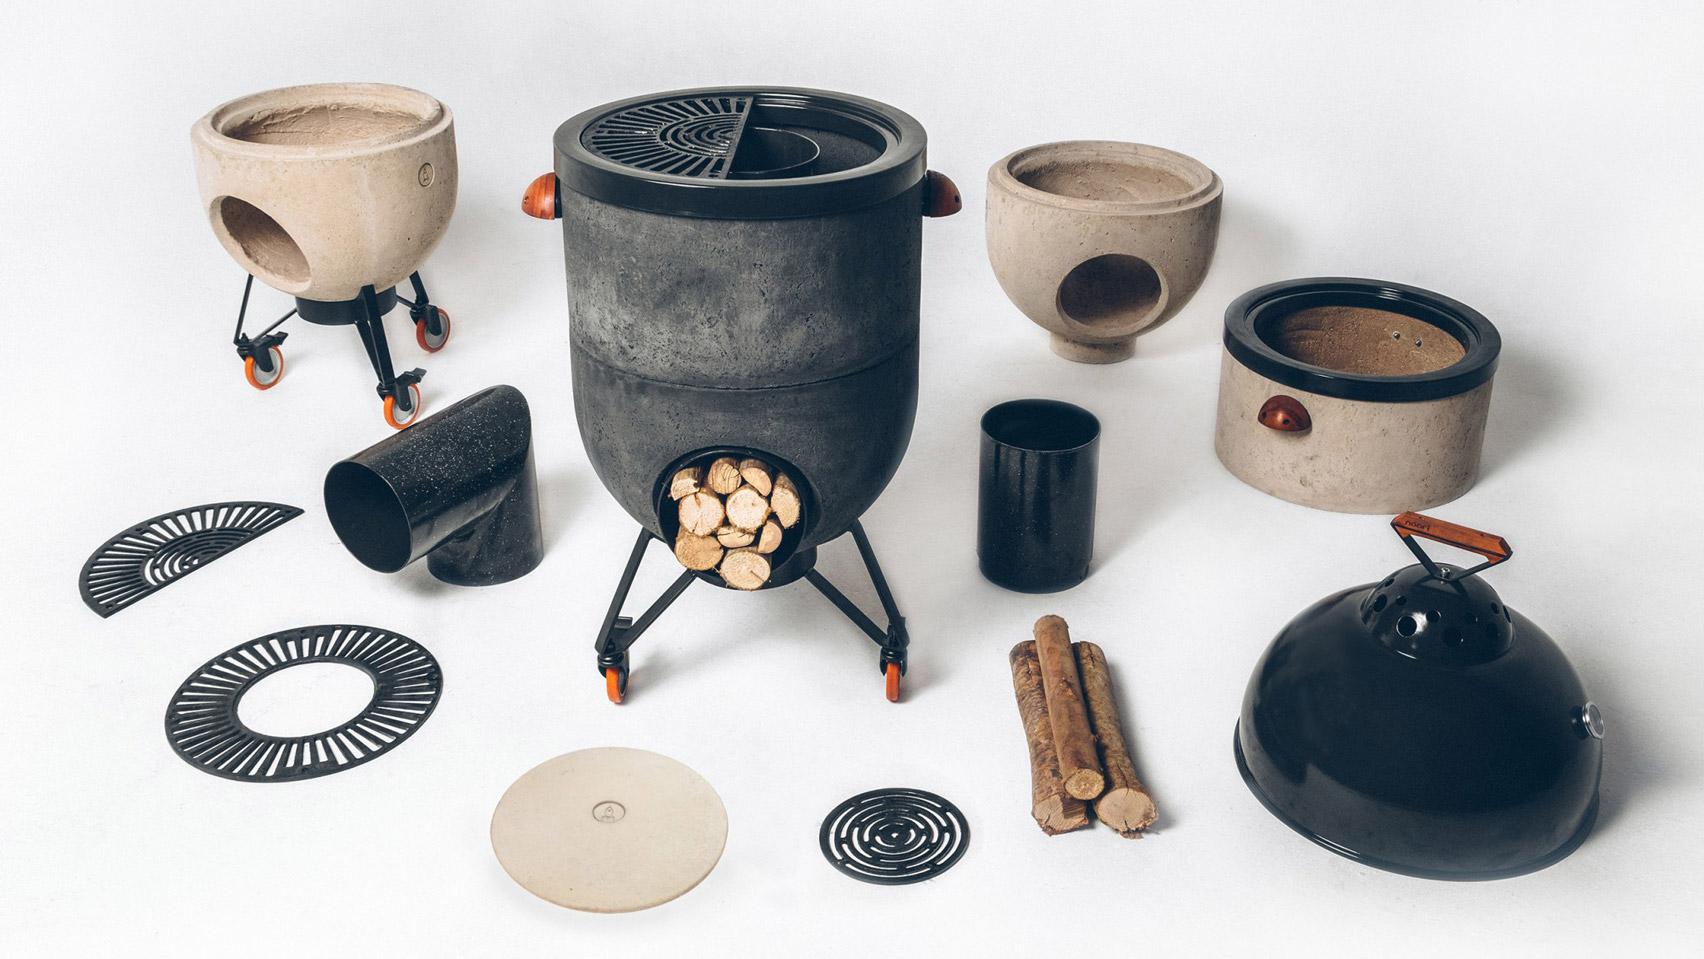 Multipurpose barbecue grill fire by Noori